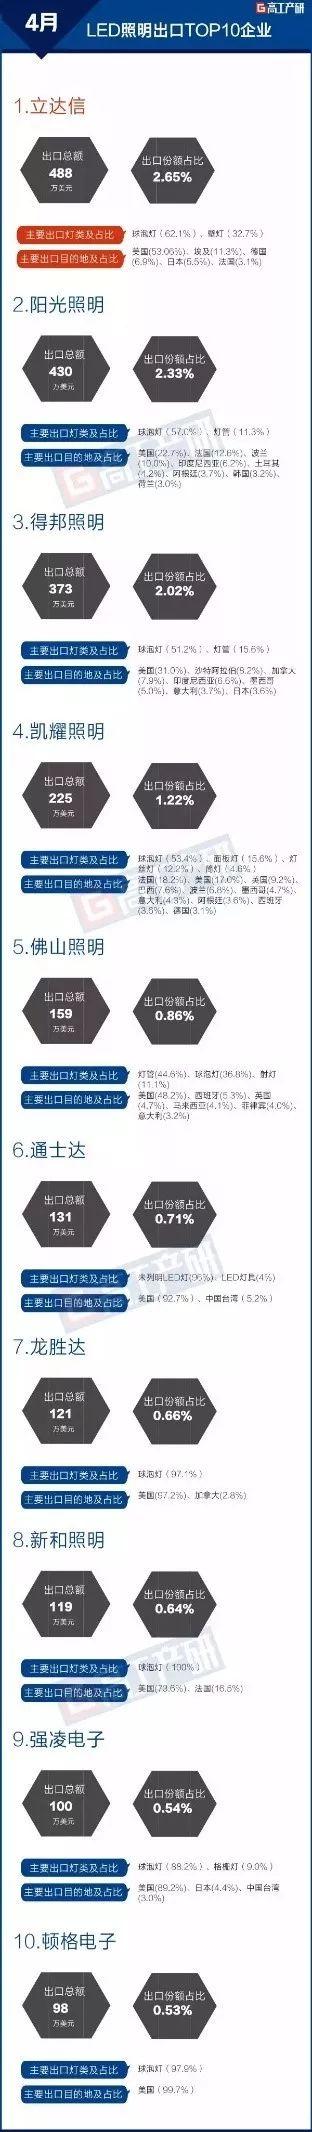 2018年4月中国LED照明产品出口总额约18.44亿美元